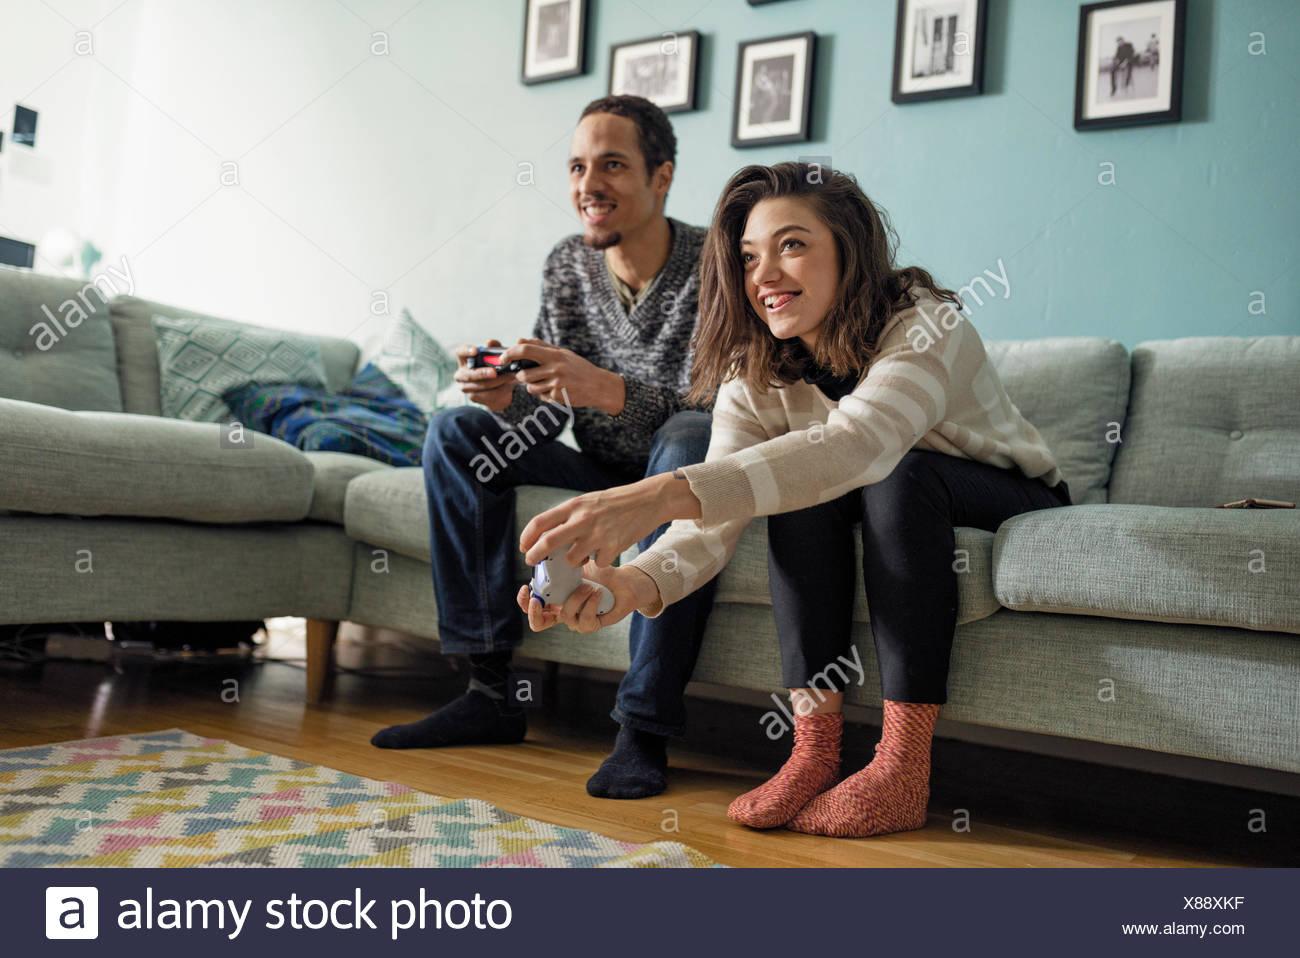 Suecia, pareja joven jugando juegos de video en la sala de estar Imagen De Stock